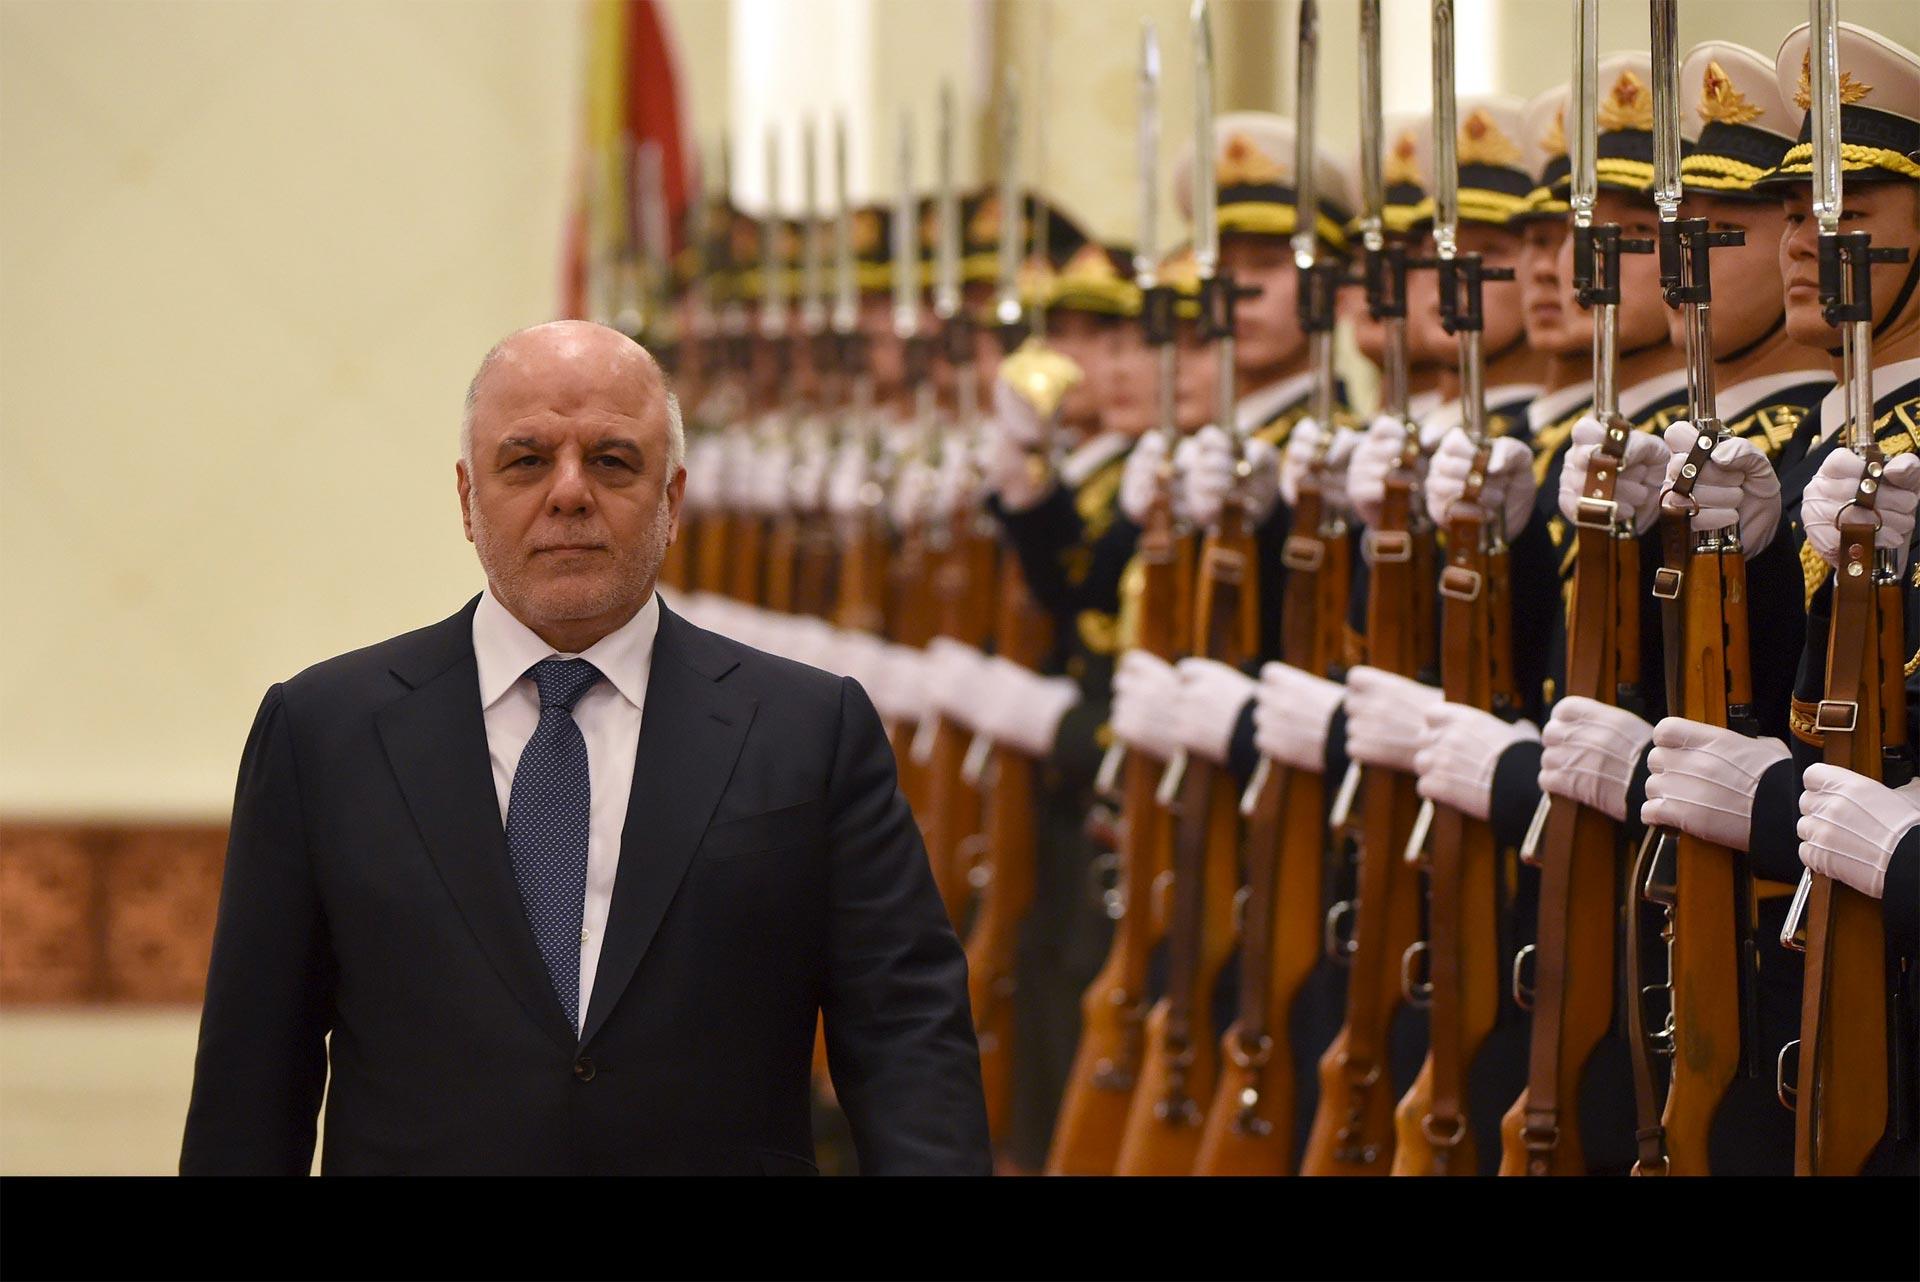 Así declaró Abadi luego de que el Gobierno recuperara la ciudad de Ramadi, que estaba tomada por la milicia yidahista